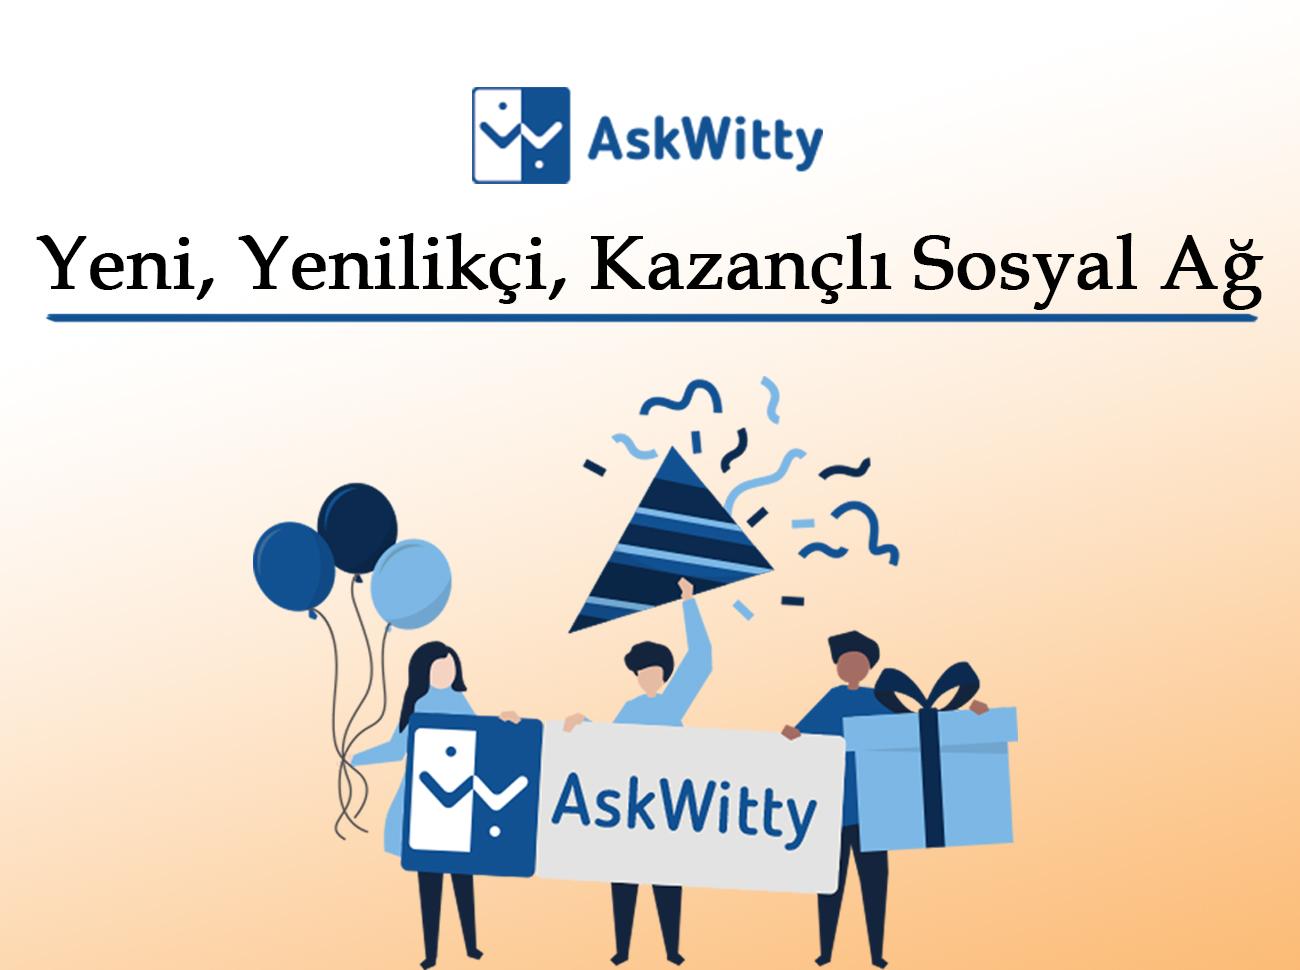 Yeni Yenilikçi Kazançlı Sosyal Ağ: AskWitty